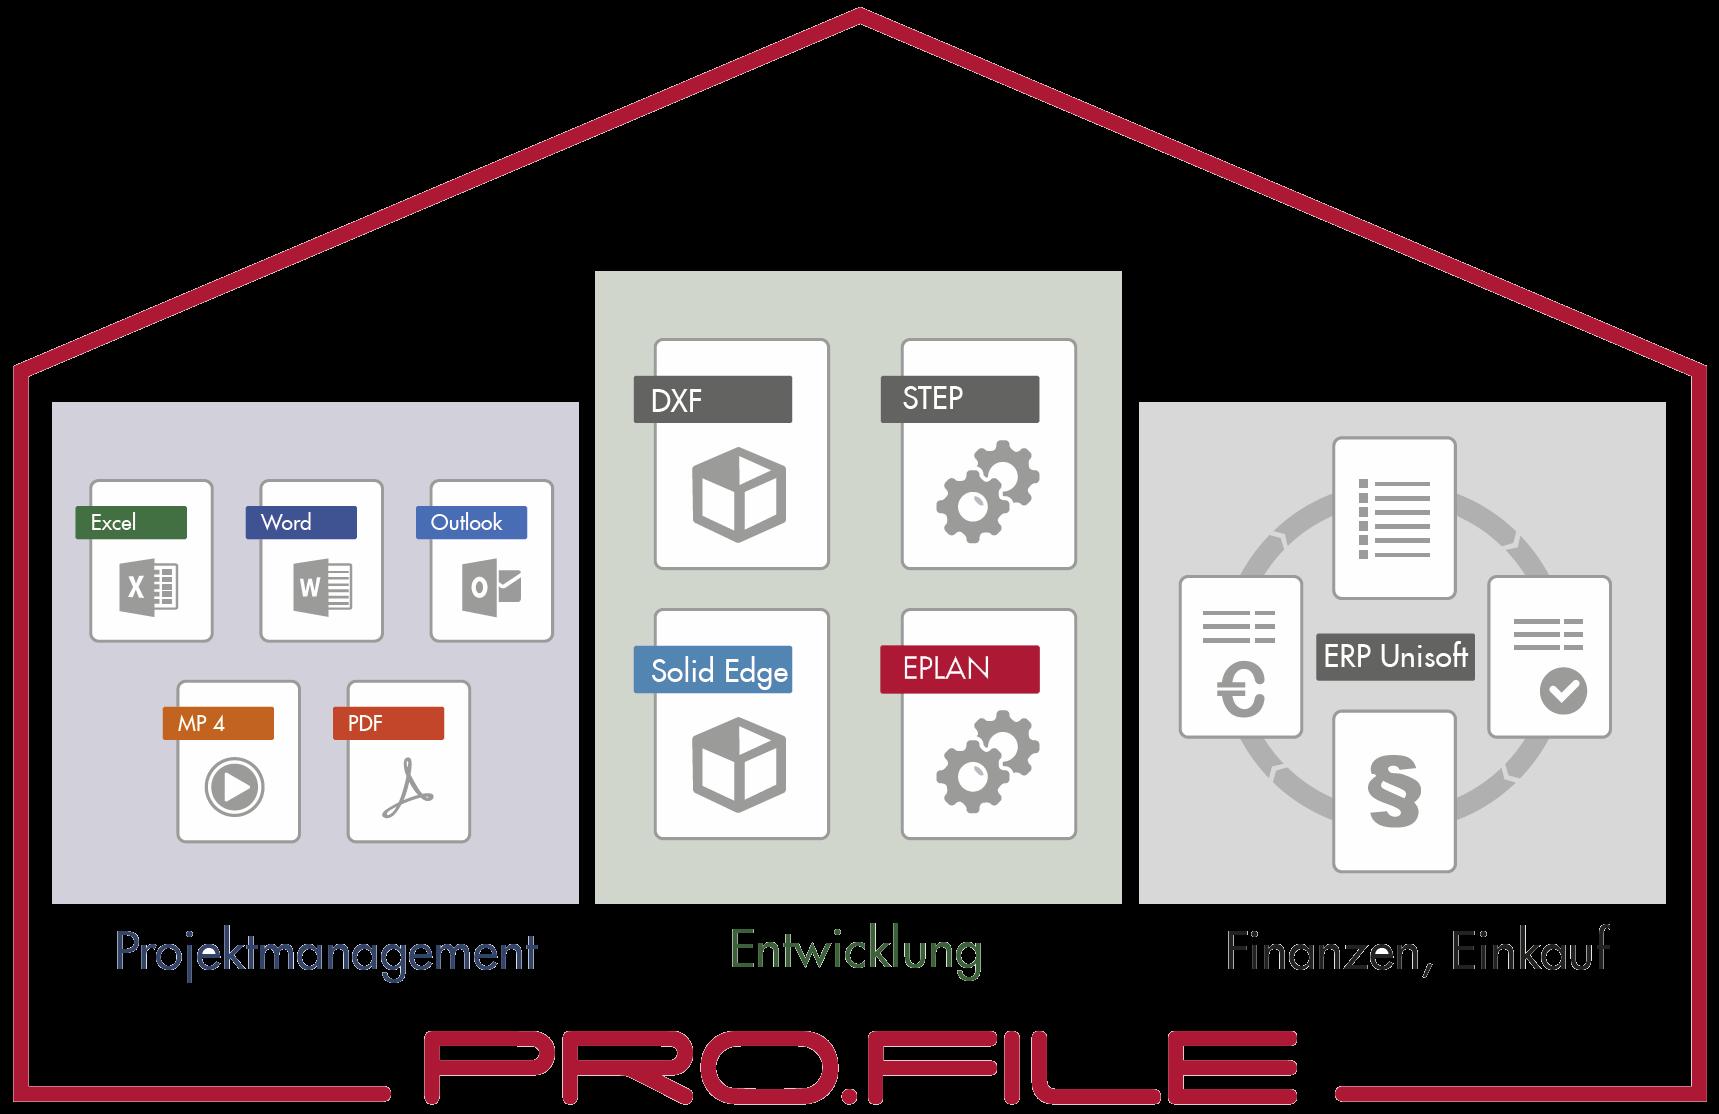 Papierlose Projekte durch digitale Prozesssteuerung